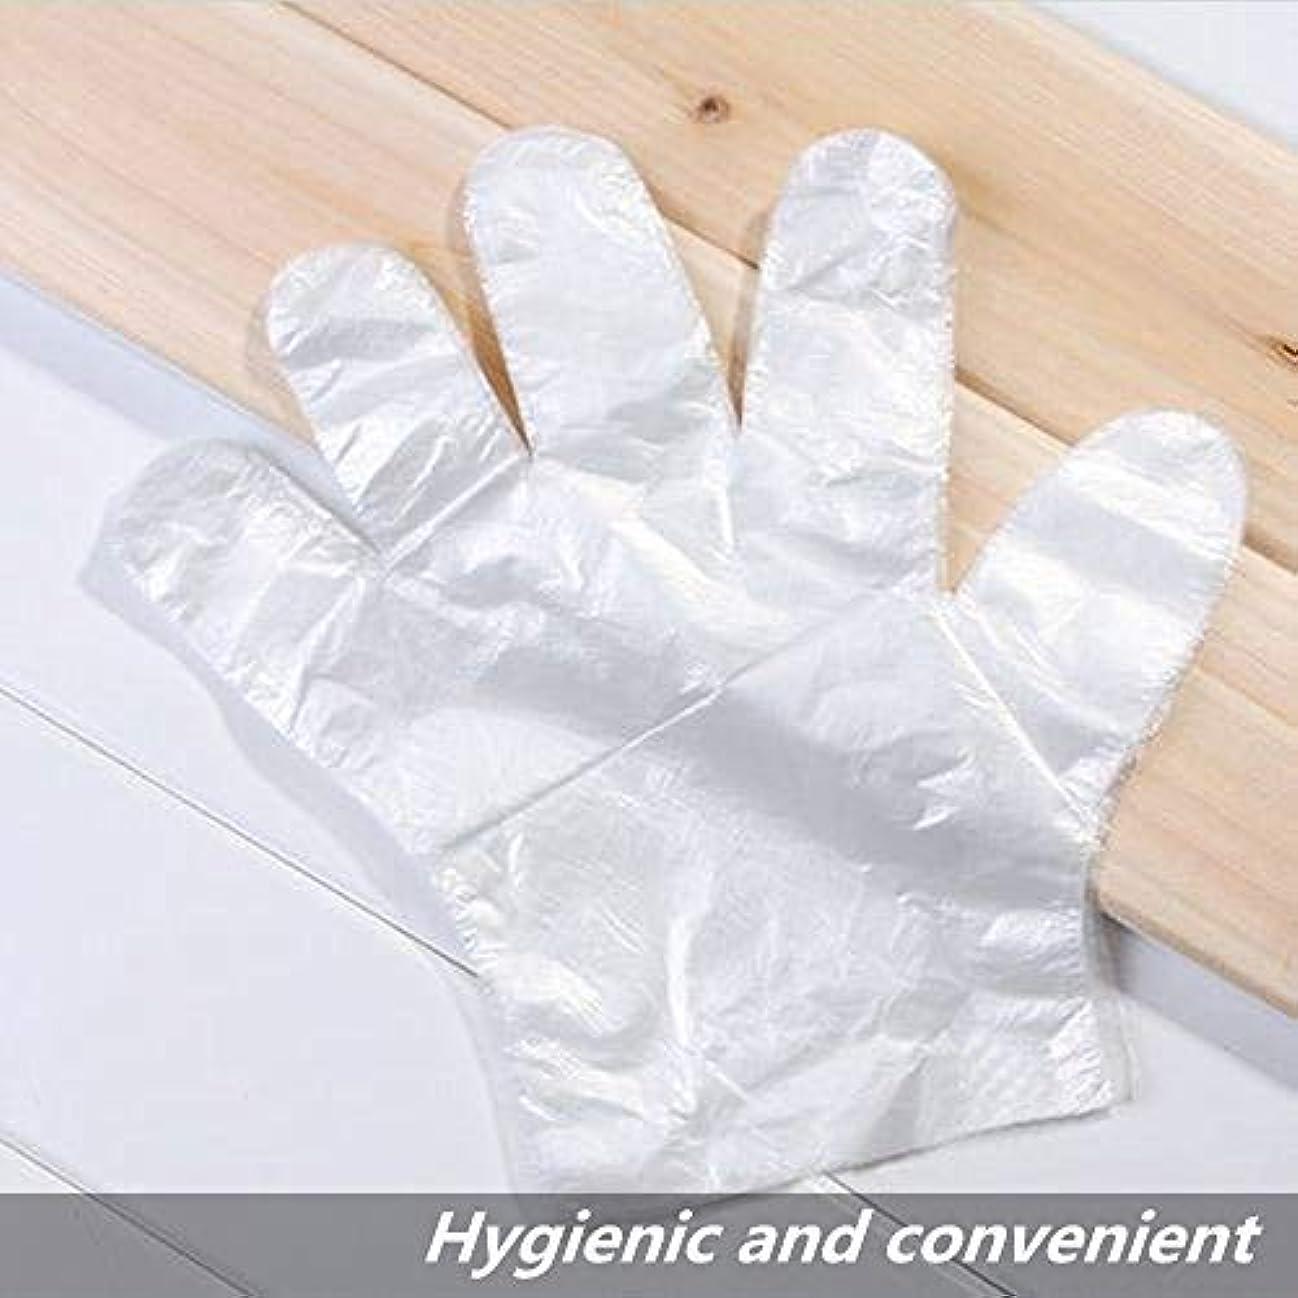 動員する行商人自我使い捨て手袋 プラスチック製使い捨て手袋 超薄型多機能透明なプラスチック手袋調理、掃除、染色などに適しています 50または100個 (100)